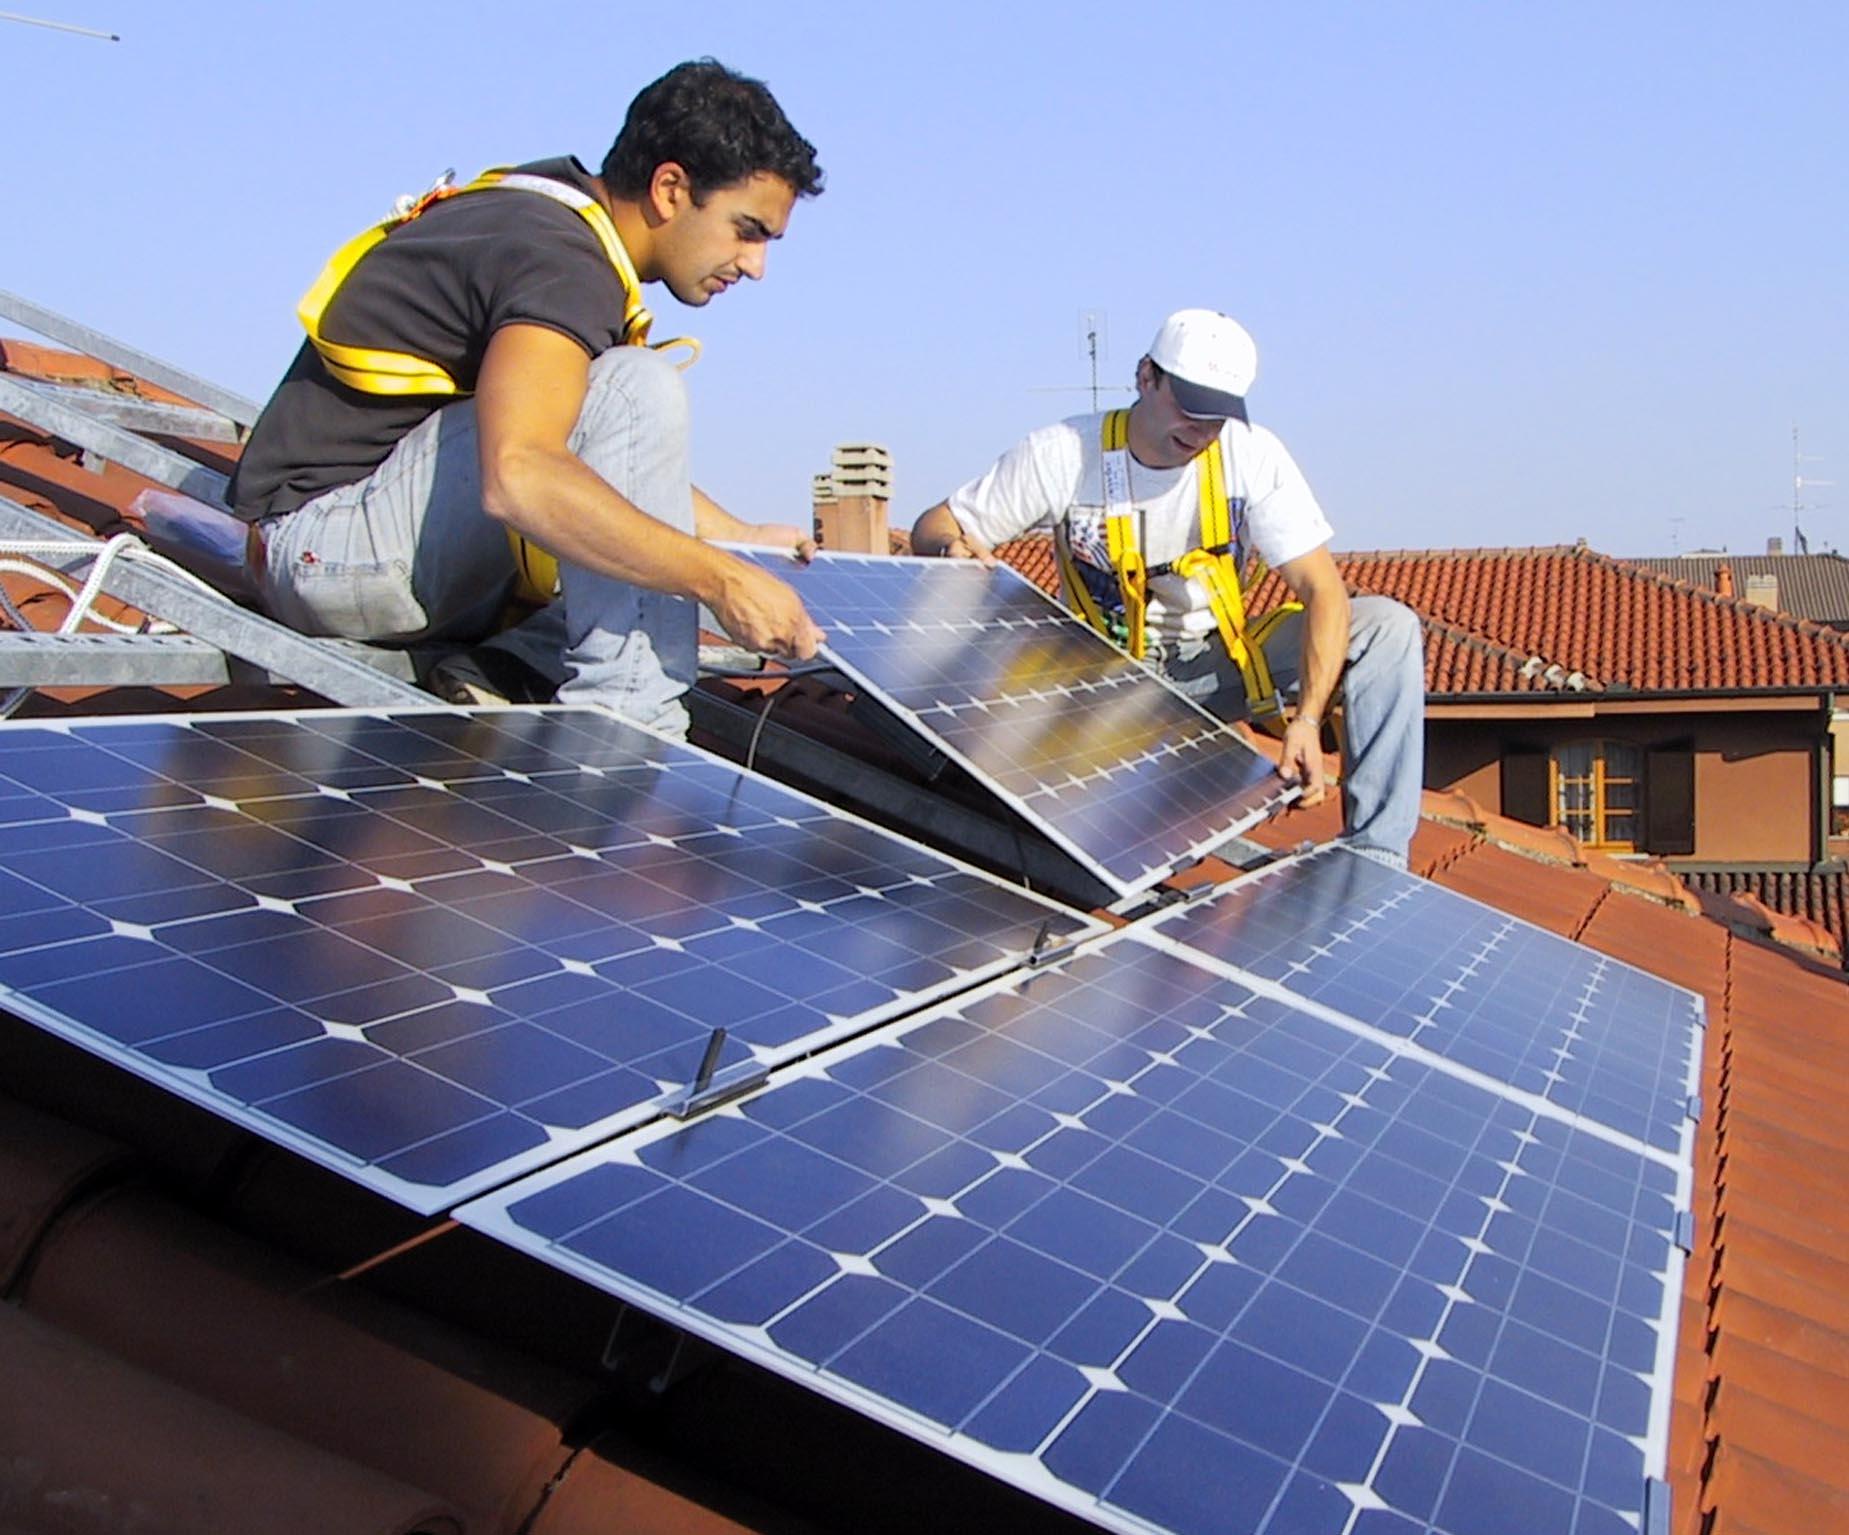 fotovoltaico-tetto.jpg